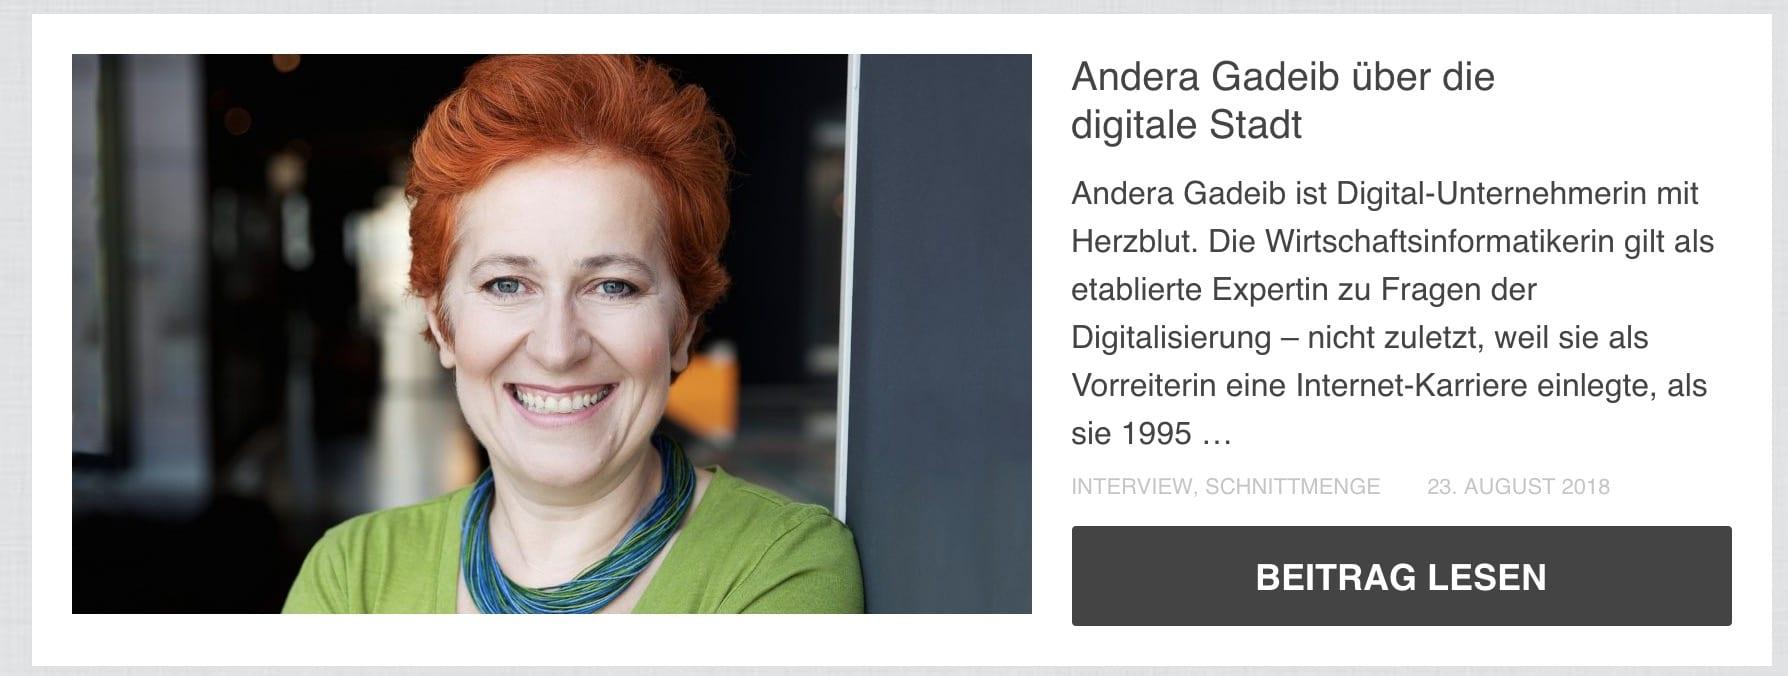 Andera Gadeib über die digitale Stadt